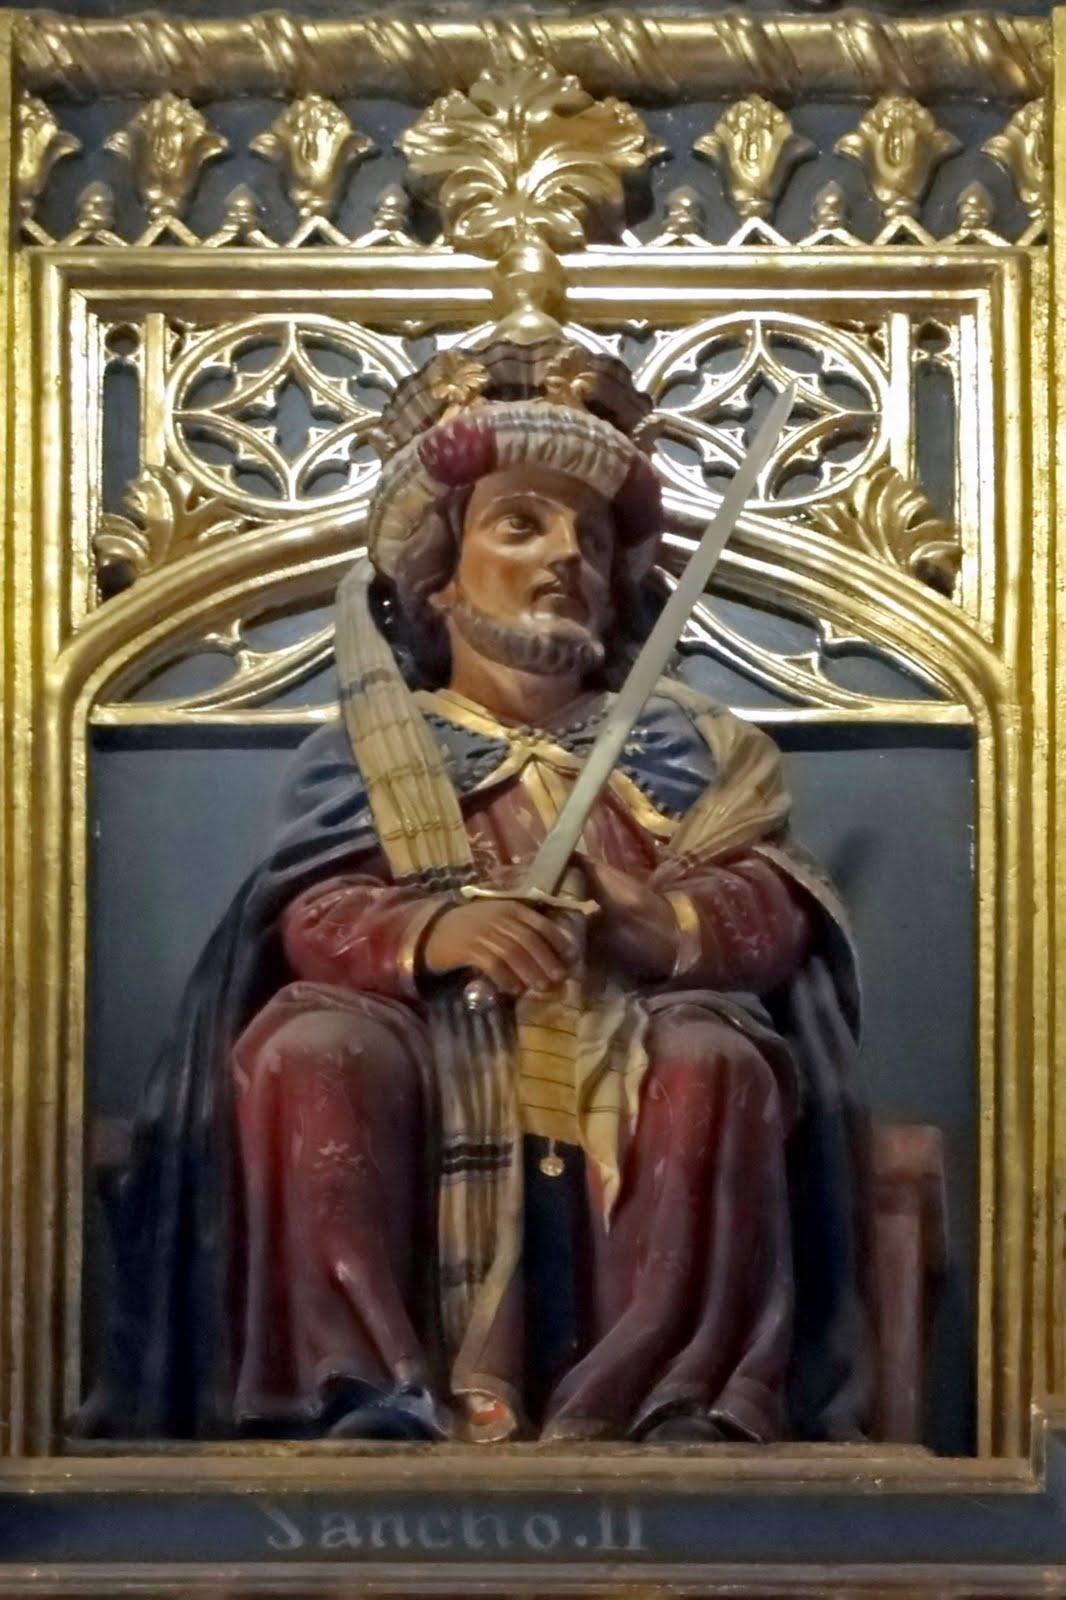 El rey de la habana clip 2 - 3 part 6